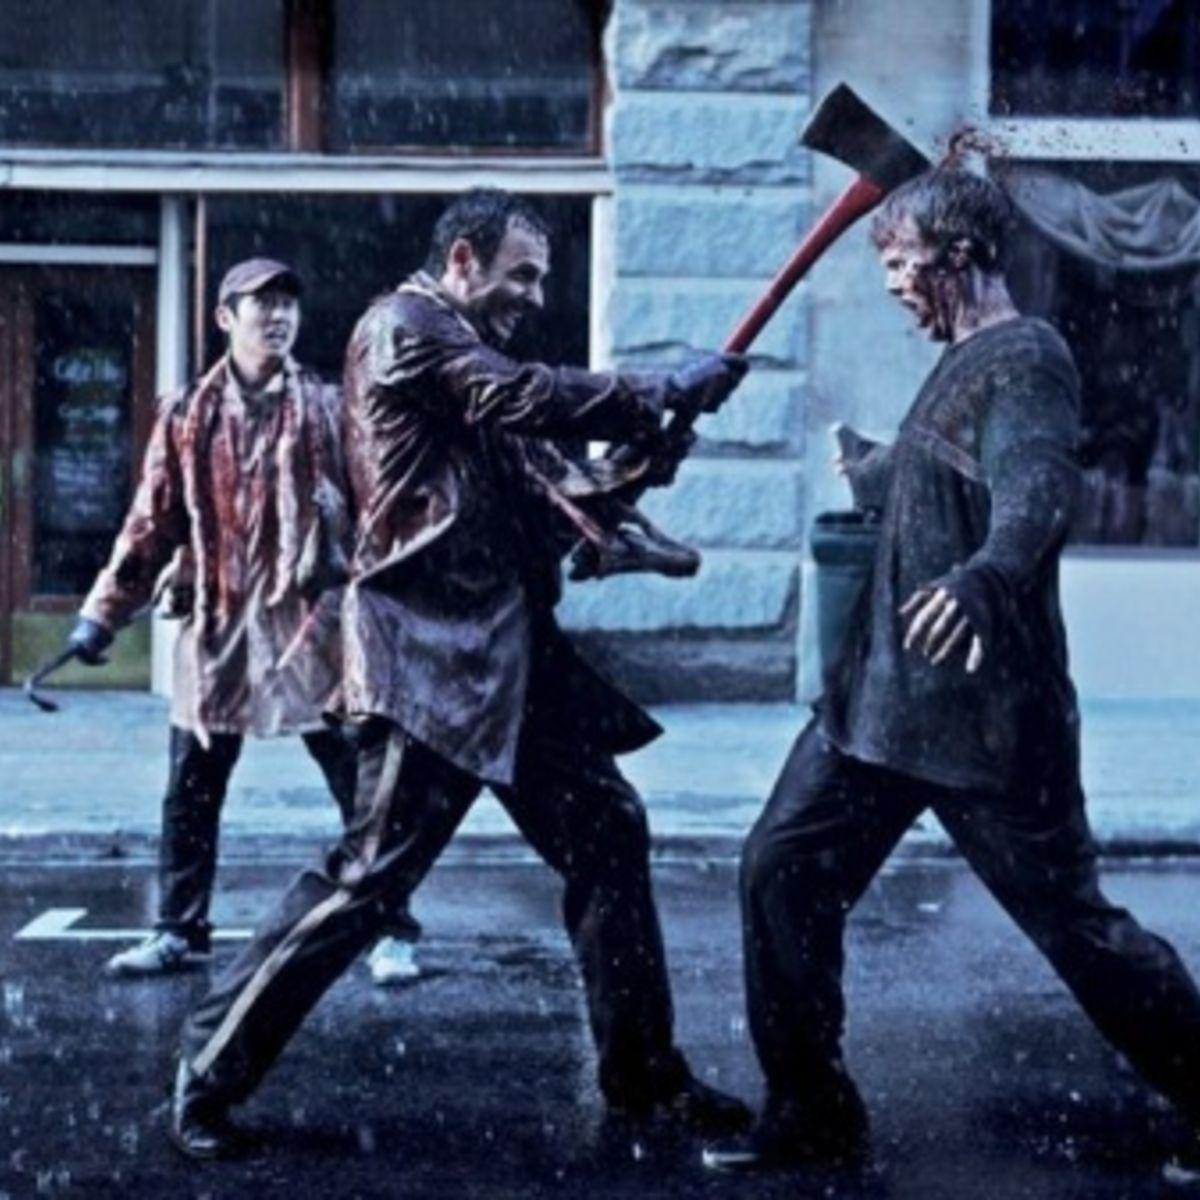 WalkingDead_zombie.jpg